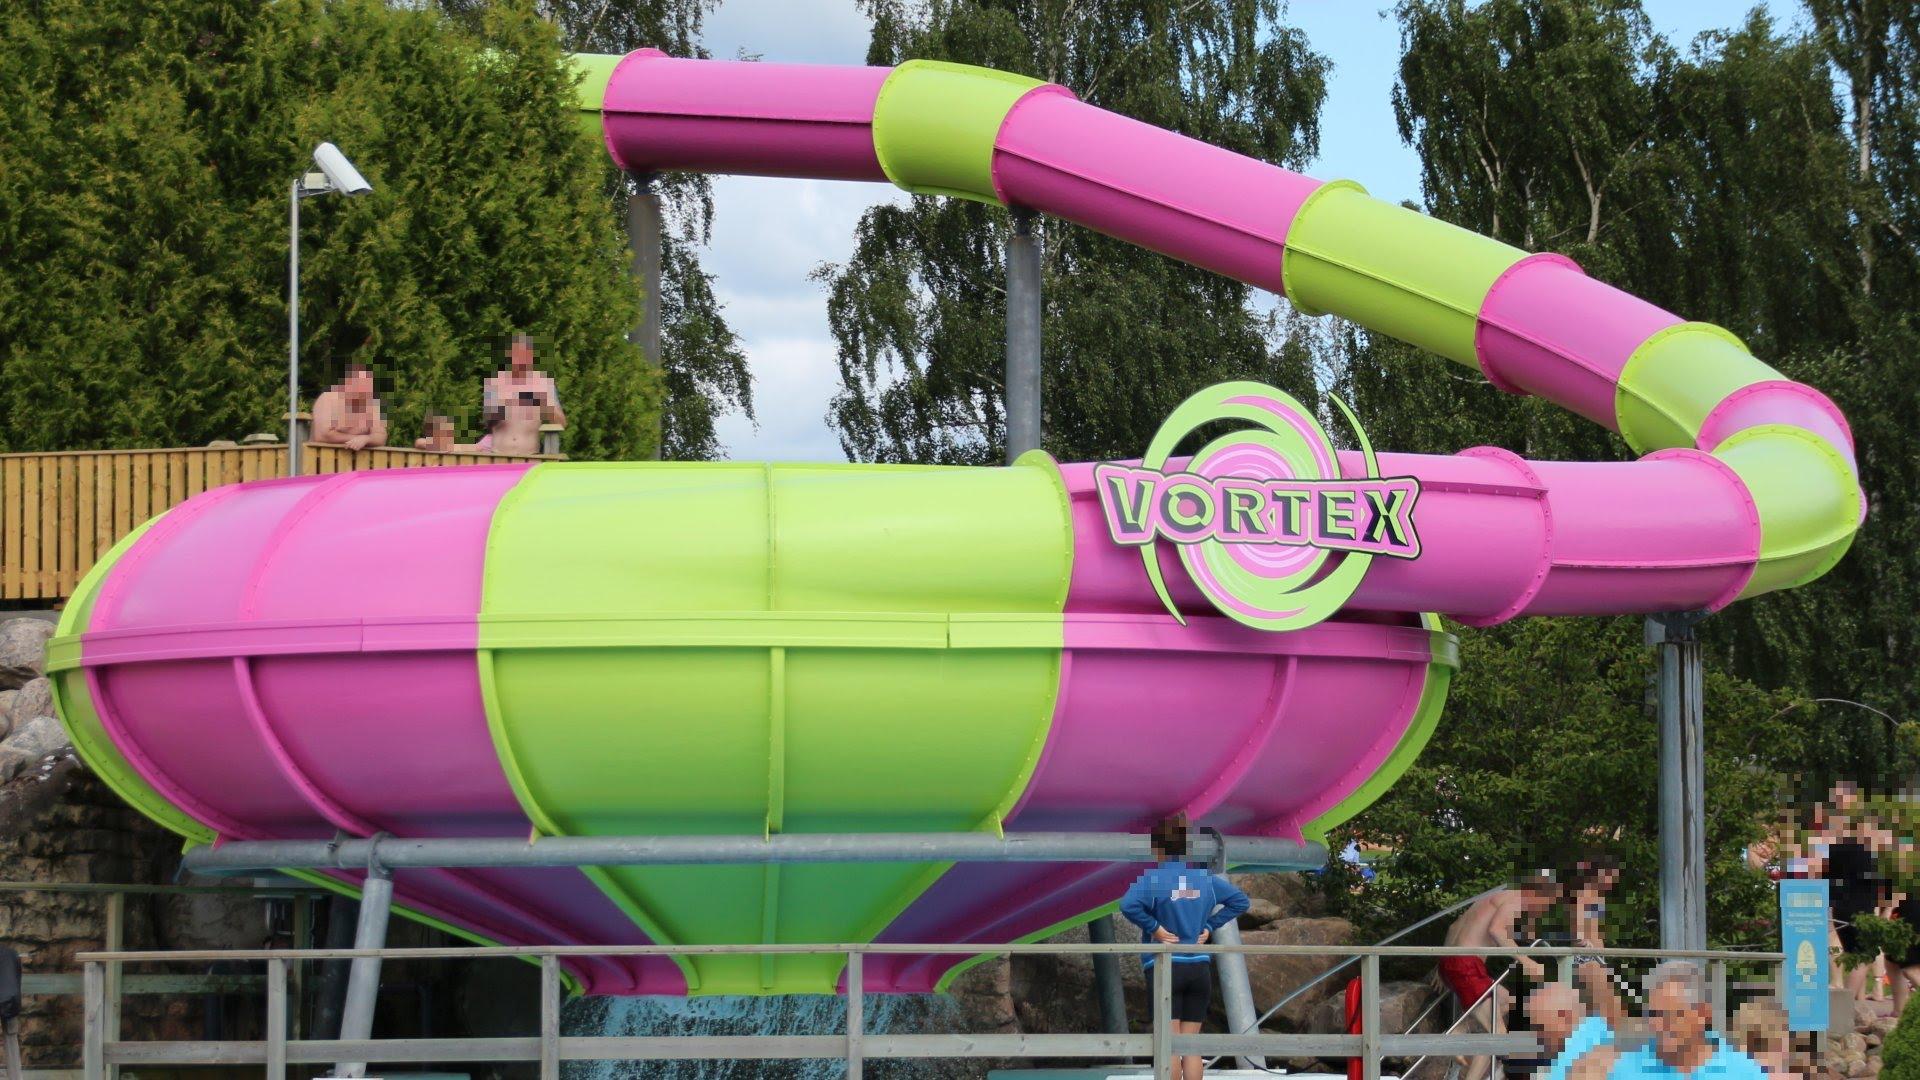 Vortex Trichterrutsche :: Funnel Slide | Skara Sommarland